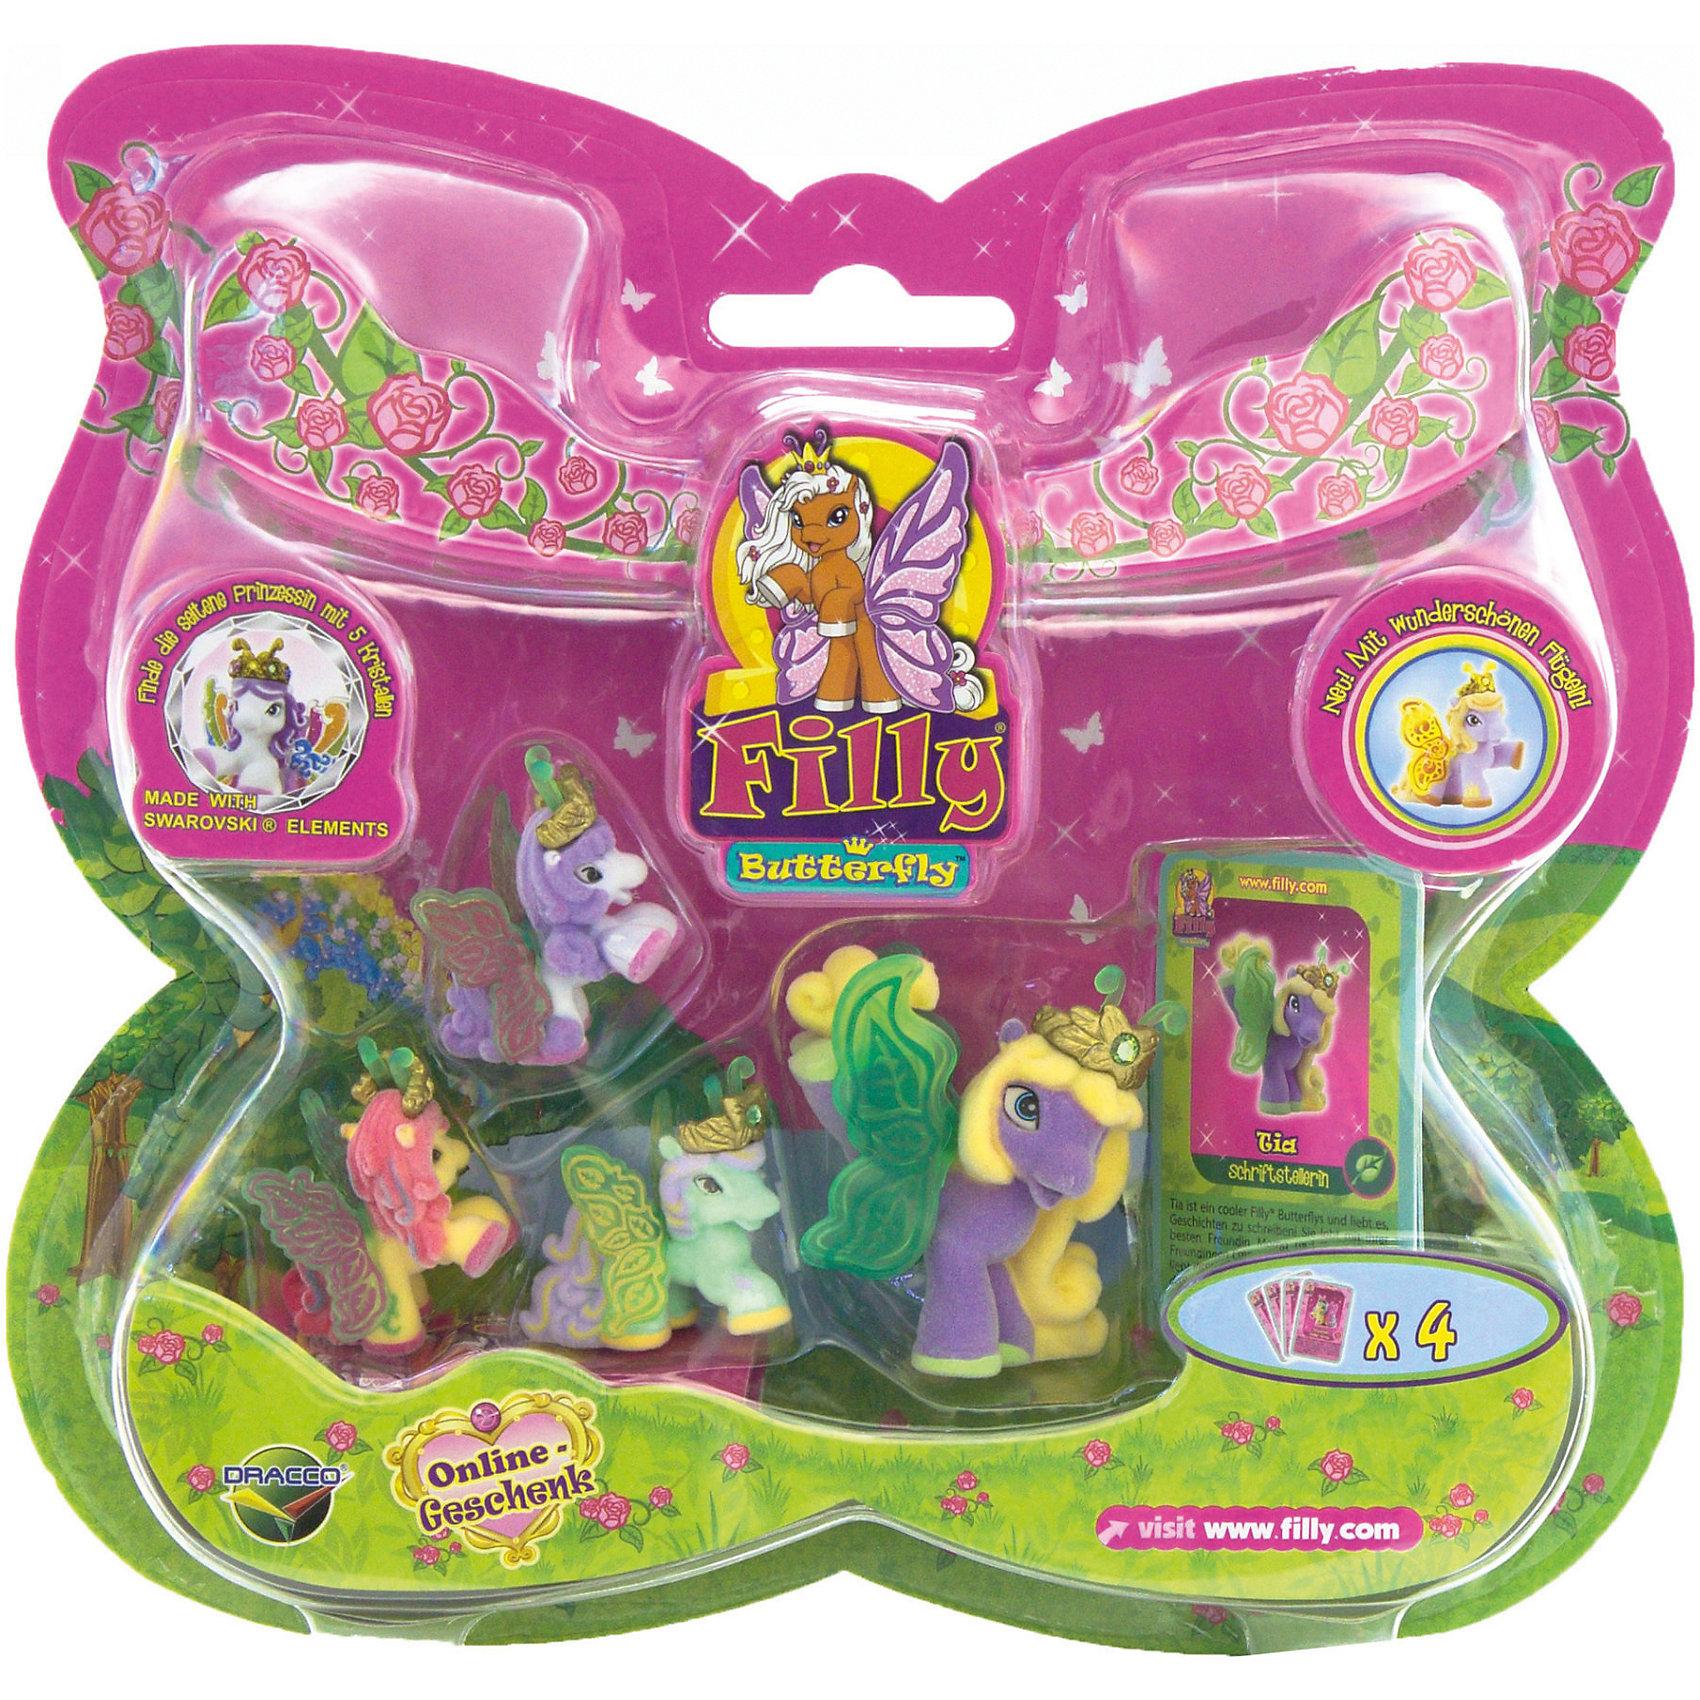 """Игровой набор Волшебная семья Tia, FillyКоллекционные и игровые фигурки<br>Большой игровой набор """"Волшебная семья"""" посвящен новым персонажам из мира лошадок Филли. Девочки придут в восторг от сразу четырех милых лошадок в одном наборе! Голову пони венчает мягкая корона, украшенная кристаллами Swarovski, за спиной у них - невероятные резные крылья с уникальным дизайном и изображением герба своего семейства. Яркие краски нанесены на крылышки тампонной печатью, поэтому, устойчивы к различному внешнему воздействию. Собери всех прекрасных лошадок и придумывай свои волшебные истории!<br><br>Дополнительная информация:<br><br>- Материал: пластик, флок.<br>- Размер лошадок: большая - 6 см (1 шт), маленькая: 3,5 см (3 шт).<br>- Комплектация: 4 лошадки, 4 карточки.<br><br>Игровой набор Волшебная семья Tia, Filly (Филли) можно купить в нашем магазине.<br><br>Ширина мм: 35<br>Глубина мм: 215<br>Высота мм: 205<br>Вес г: 127<br>Возраст от месяцев: 36<br>Возраст до месяцев: 84<br>Пол: Женский<br>Возраст: Детский<br>SKU: 4043633"""